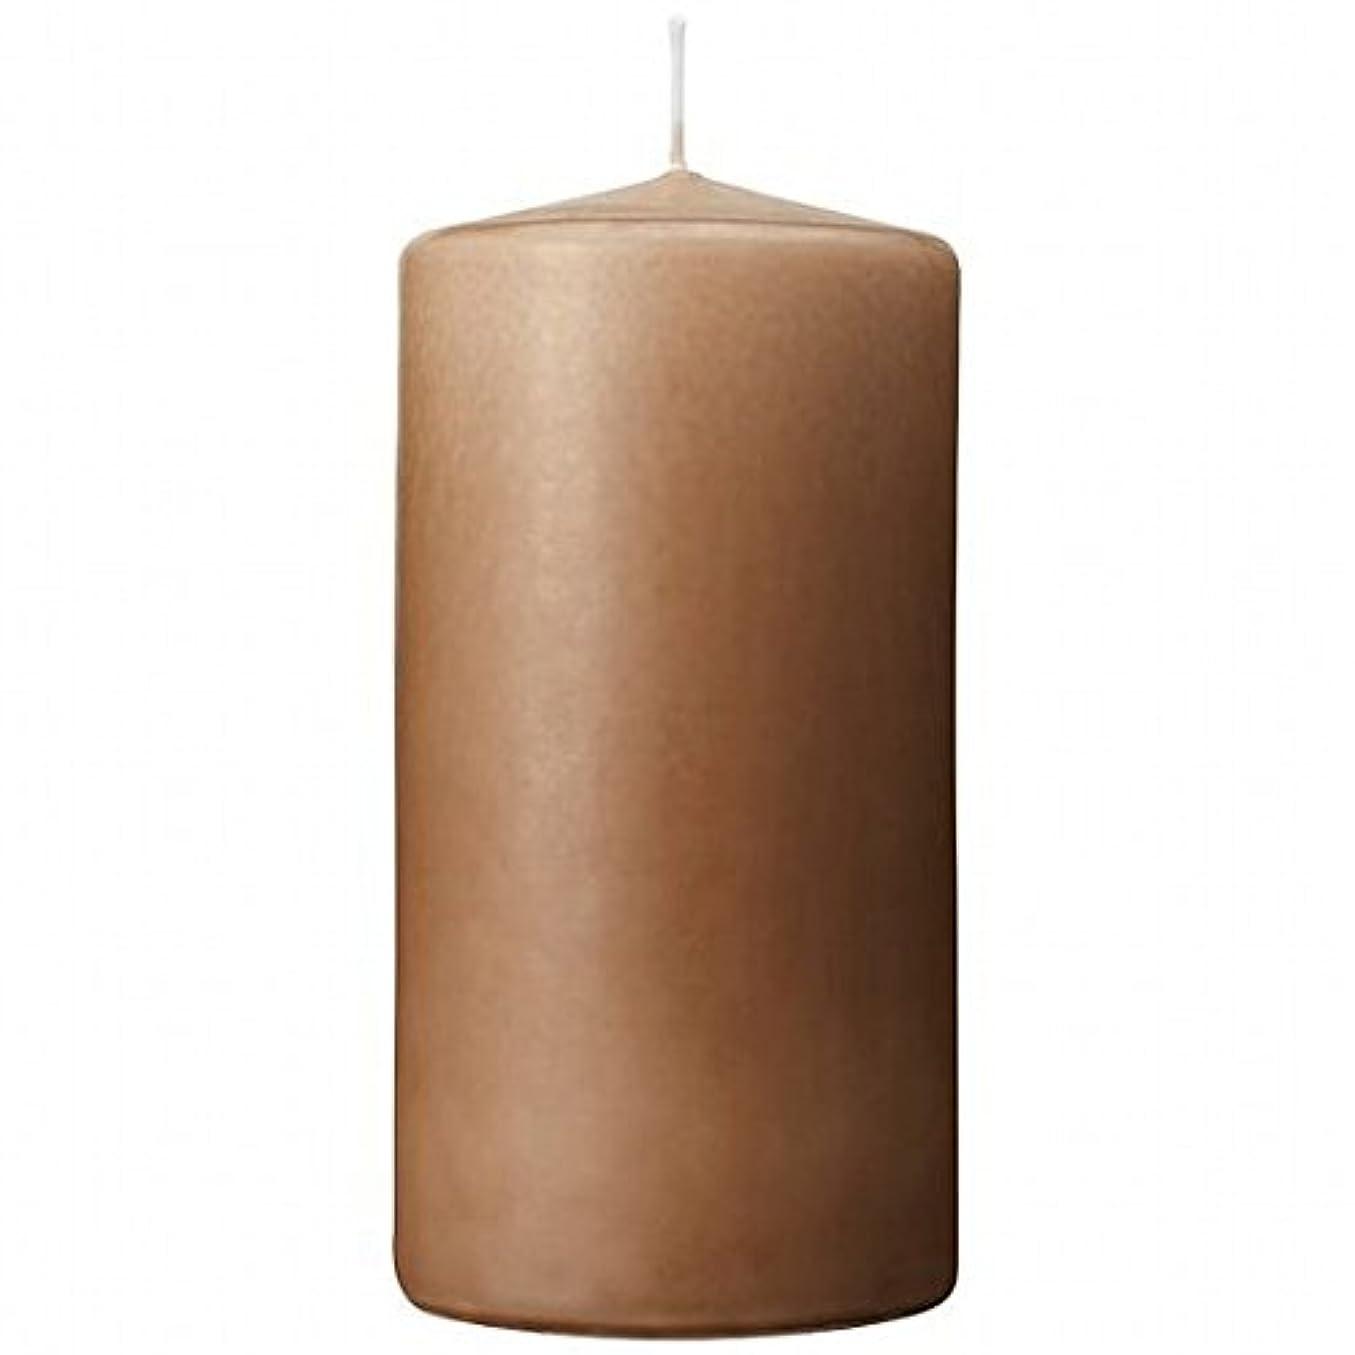 中級ネーピア注釈kameyama candle(カメヤマキャンドル) 3×6ベルトップピラーキャンドル 「 モカ 」(A9730010MO)